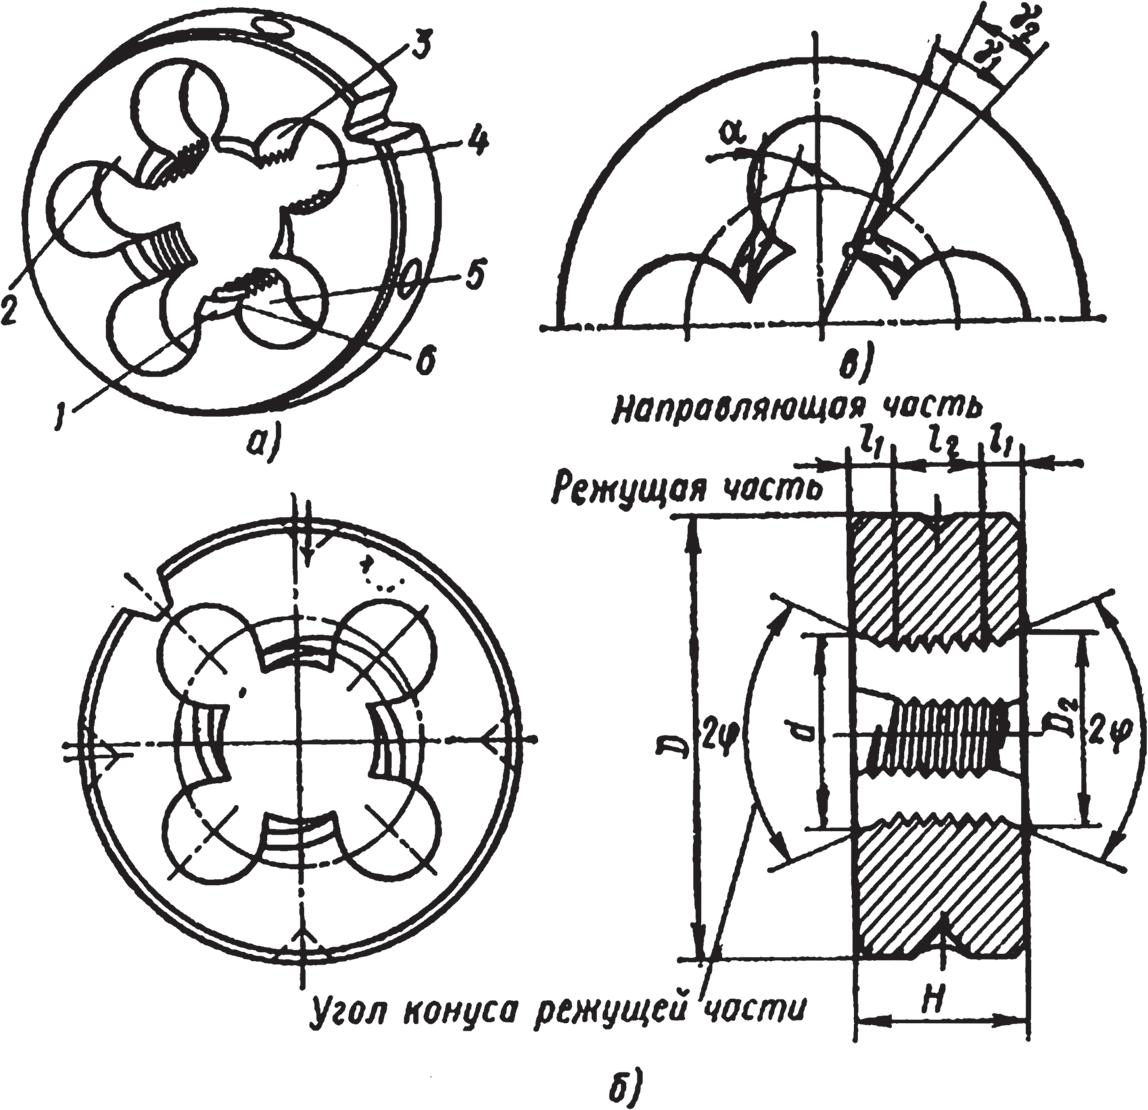 Конструктивные элементы, основные части и формы стружечных отверстий круглой плашки